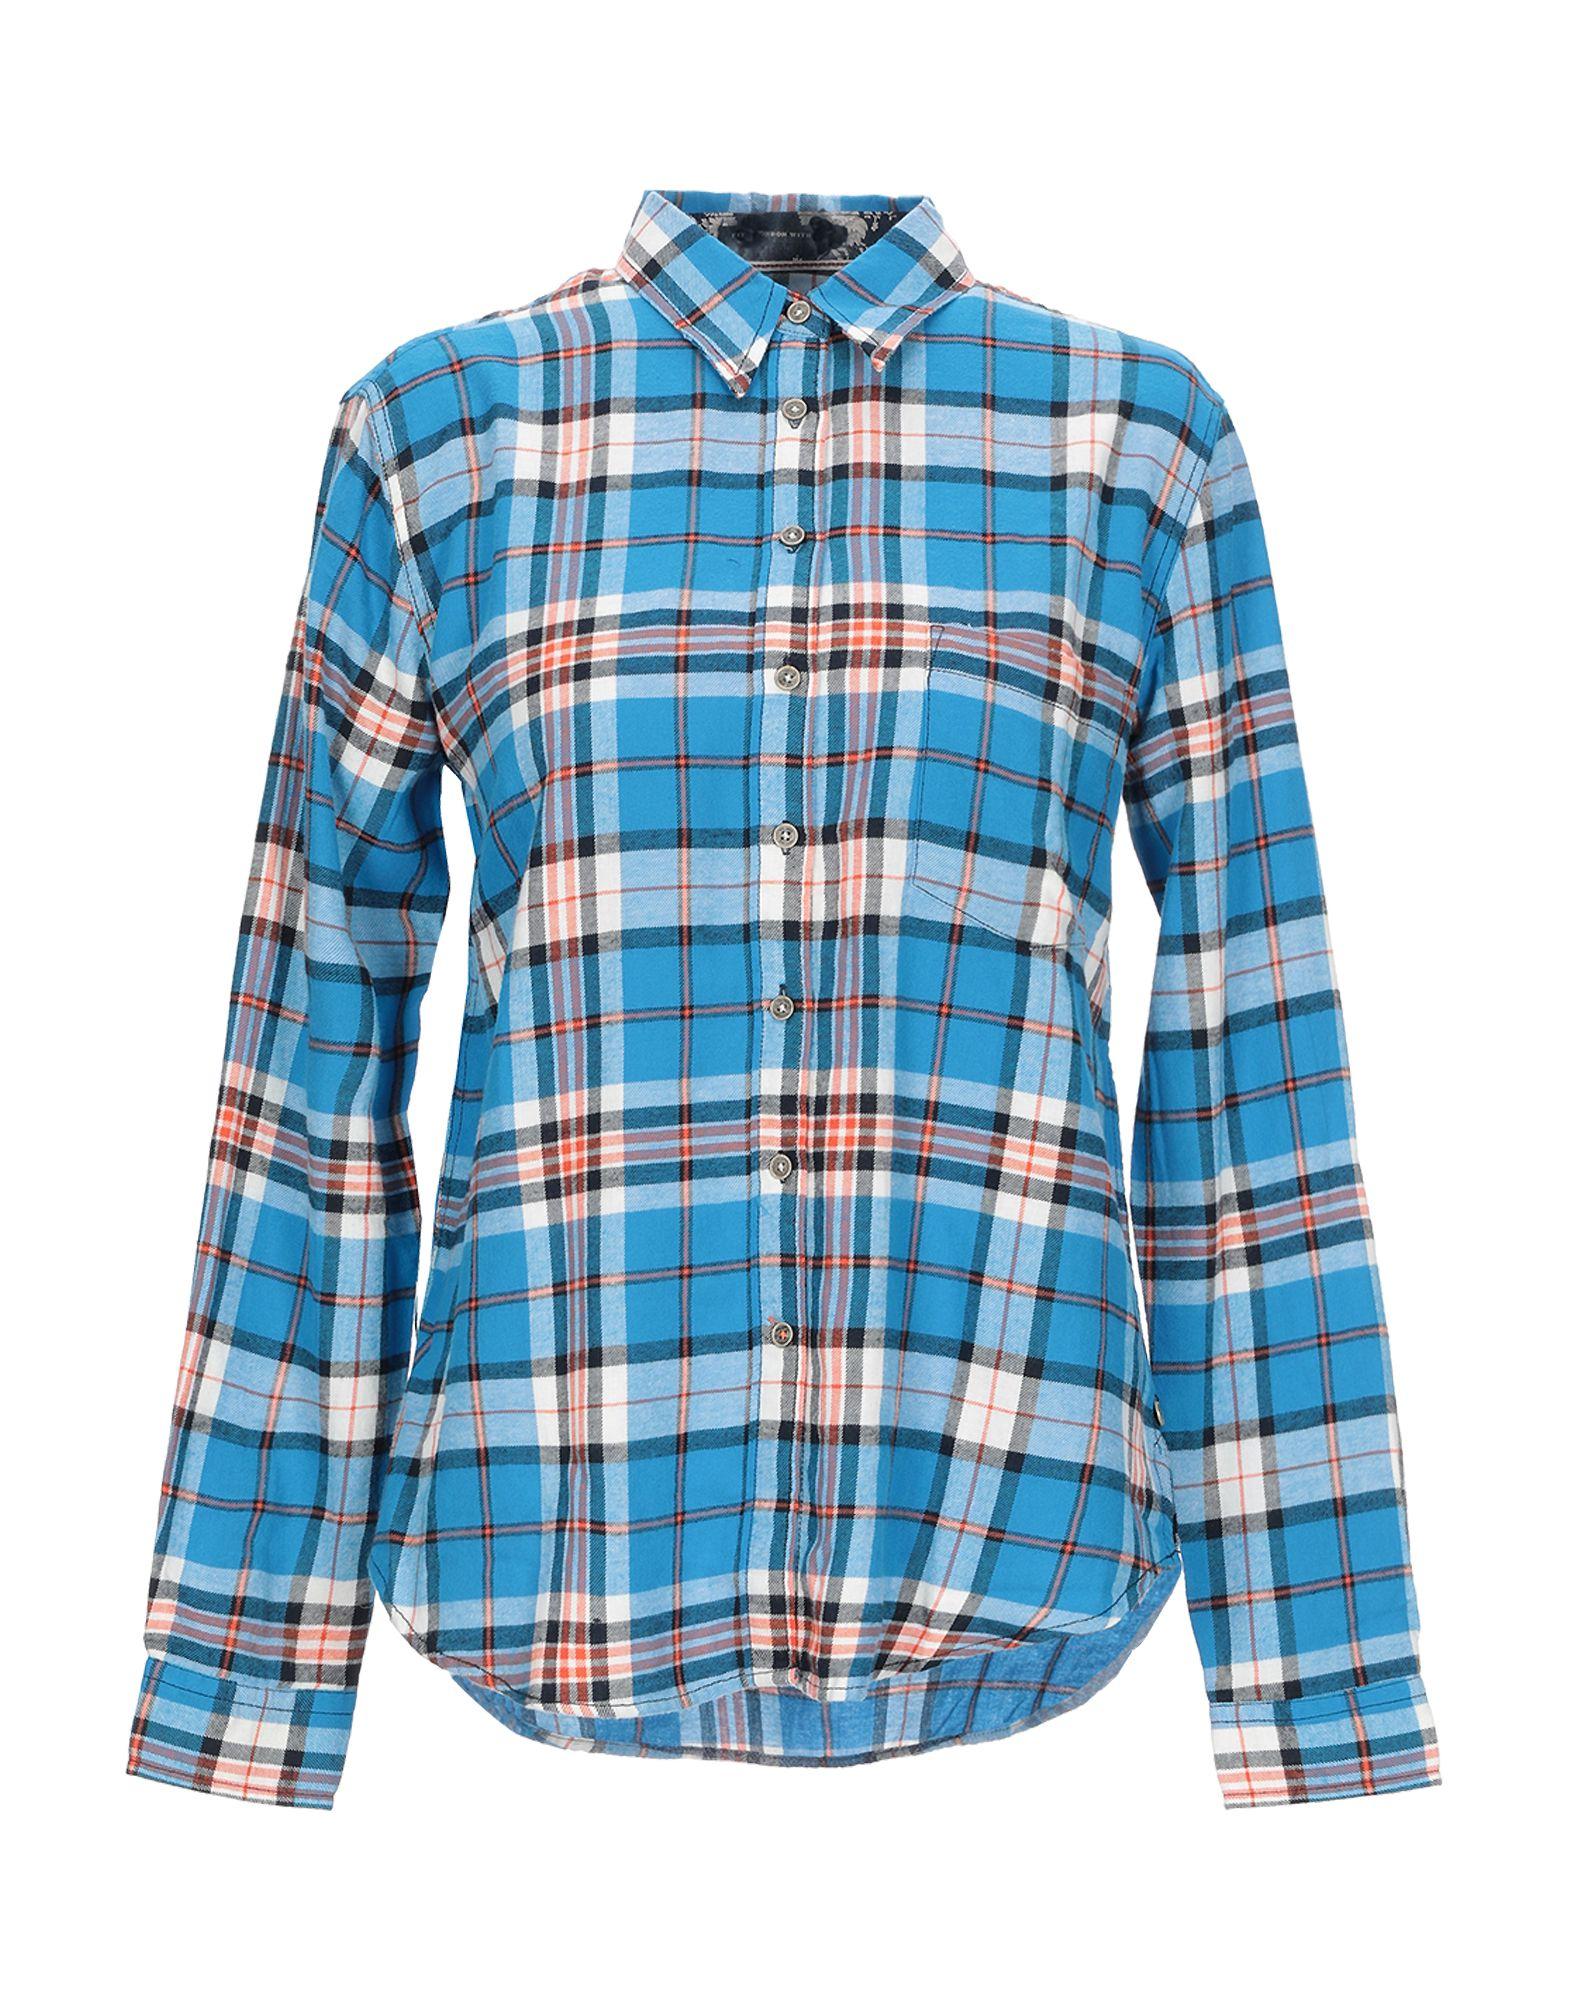 PEPE JEANS Pубашка pepe jeans heritage pубашка